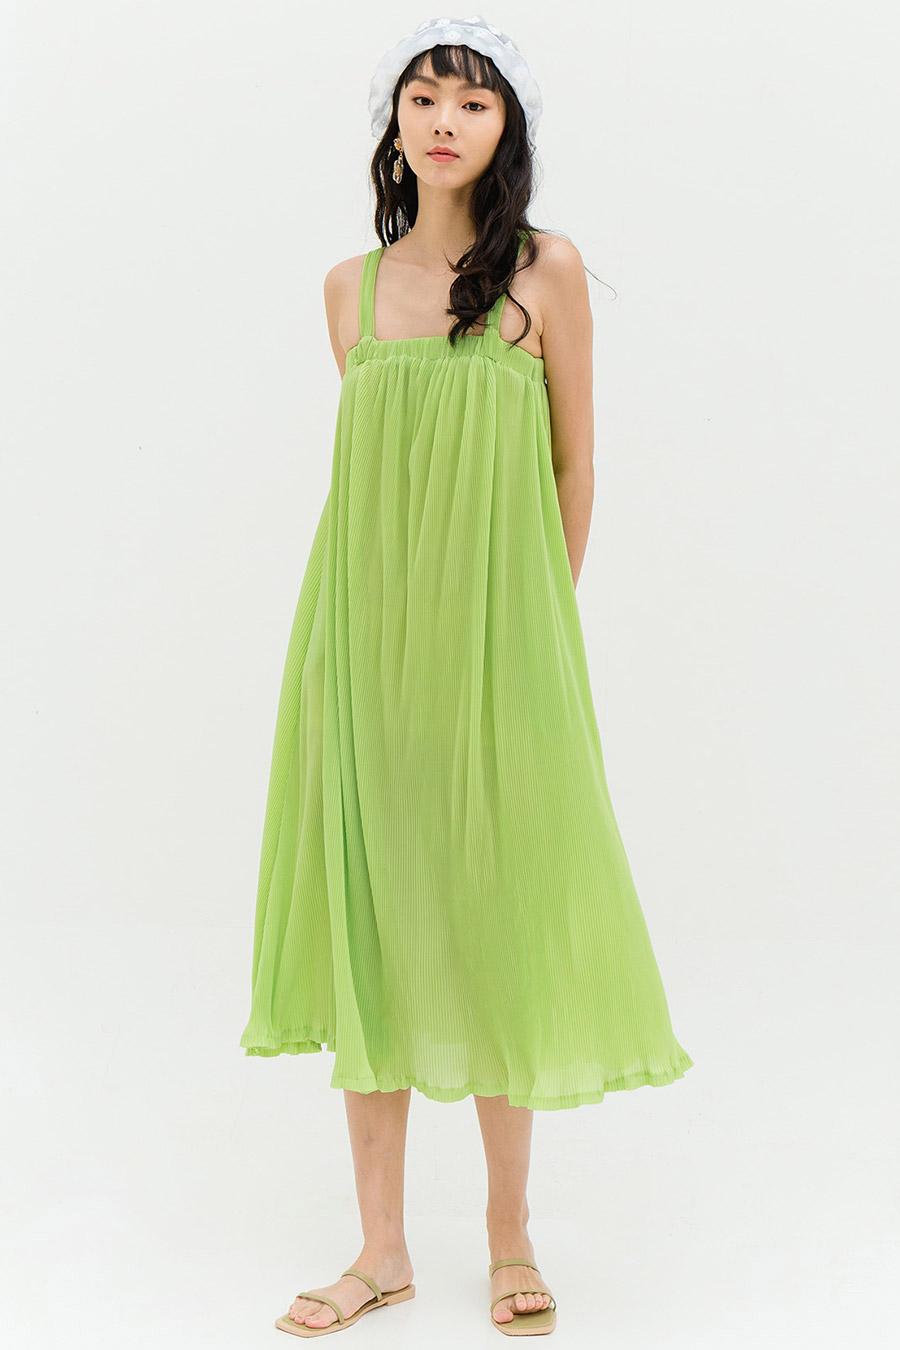 *PO* ANTONIA DRESS - CYPRESS [BY MODPARADE]